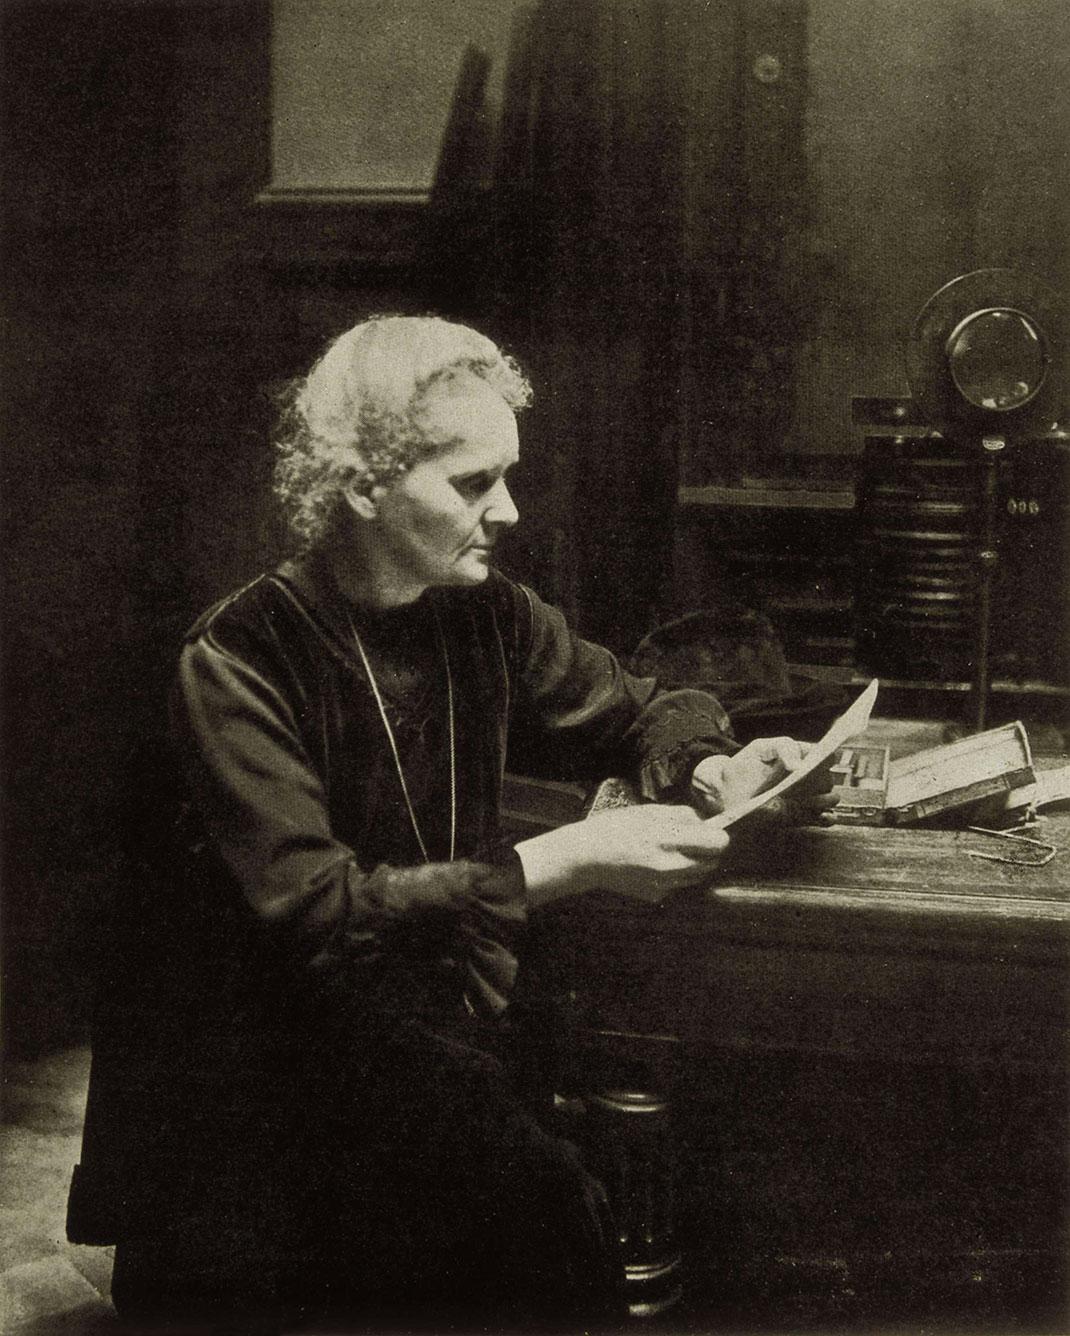 Marie Curie via Shutterstock